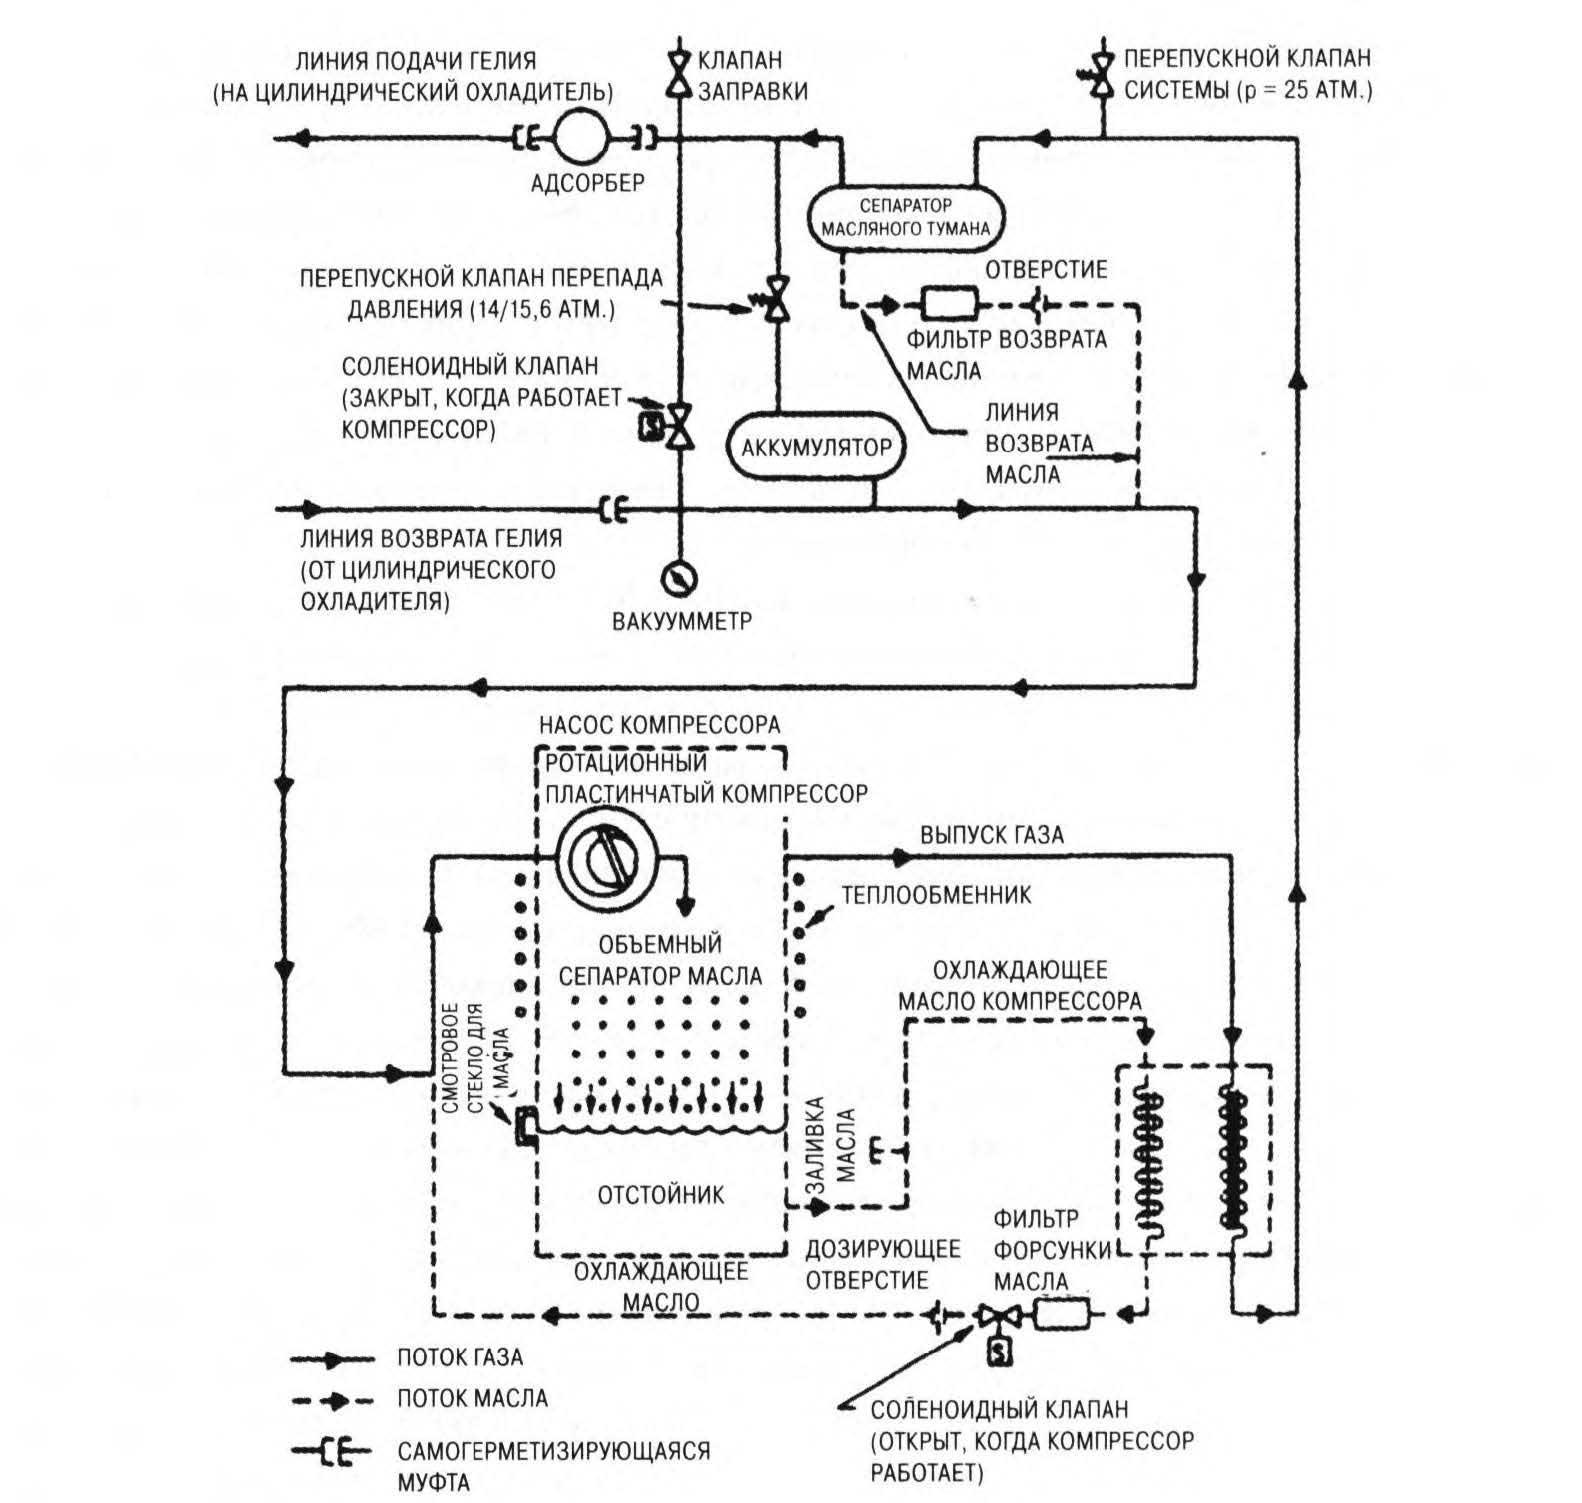 система циркуляции гелия, масла и охлаждающей жидкости